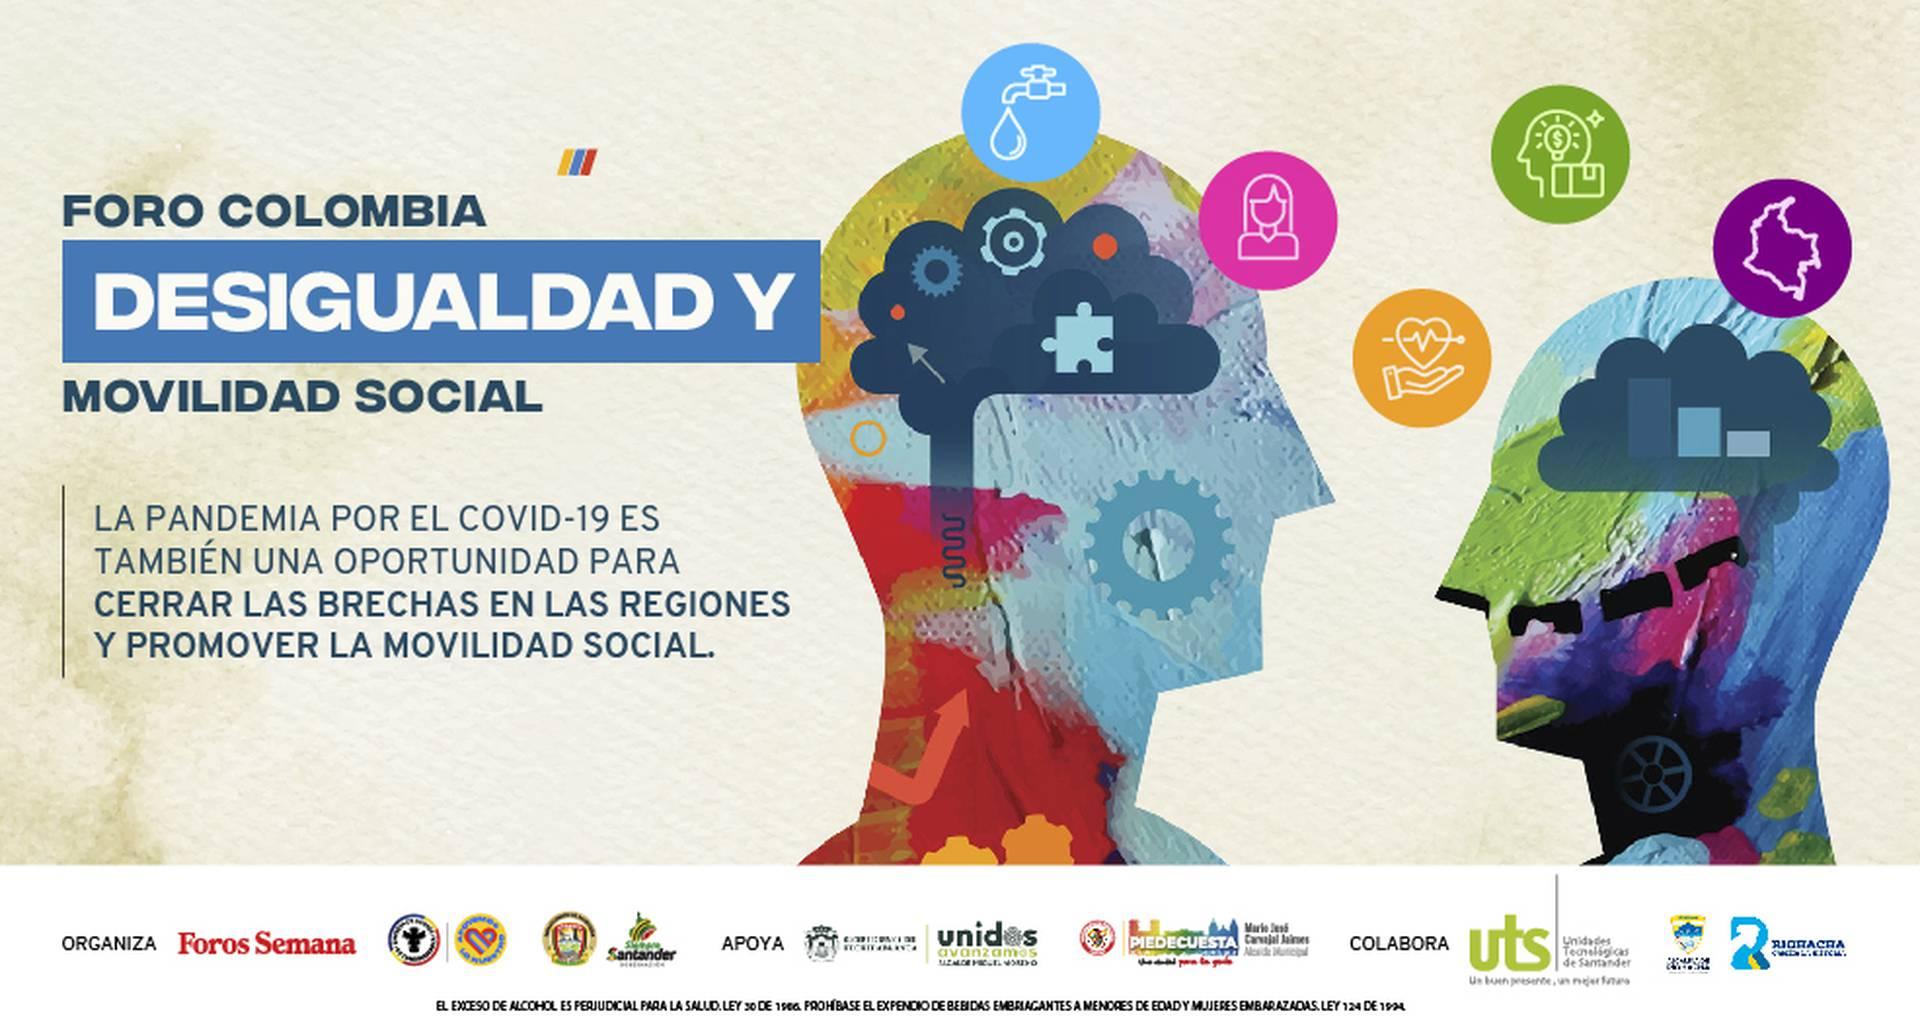 Conéctese con el Foro Colombia desigualdad y movilidad social